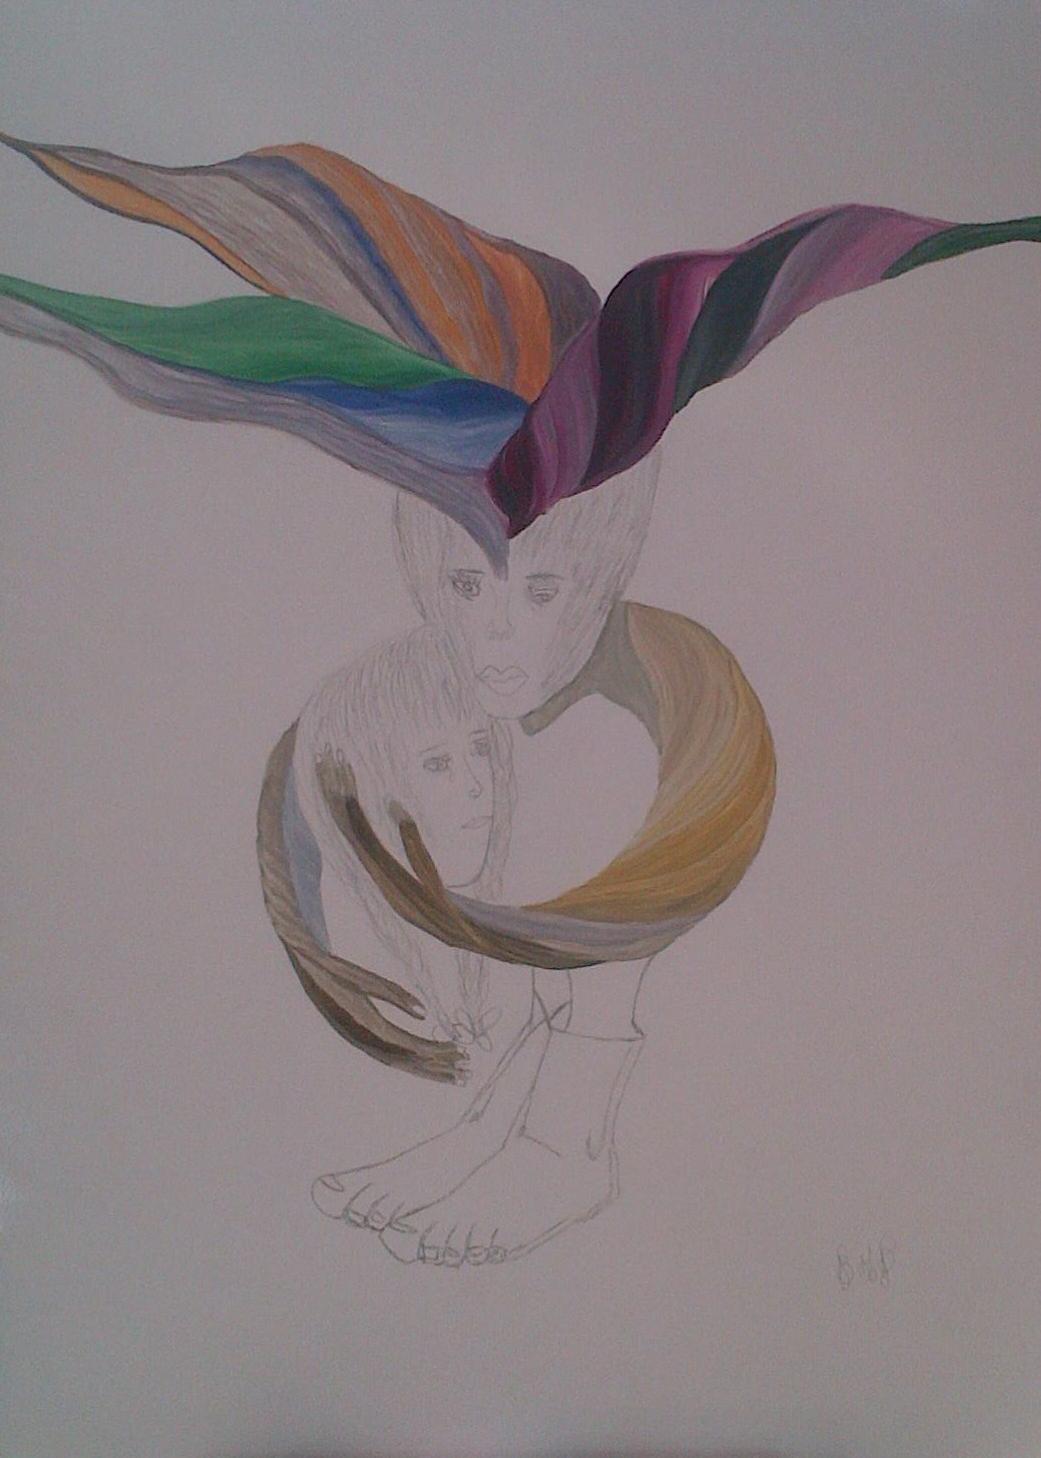 bd-aquarelle-n-813-beatrice-fait-un-geste-de-tendresse-a-sa-personnalite-bg-1